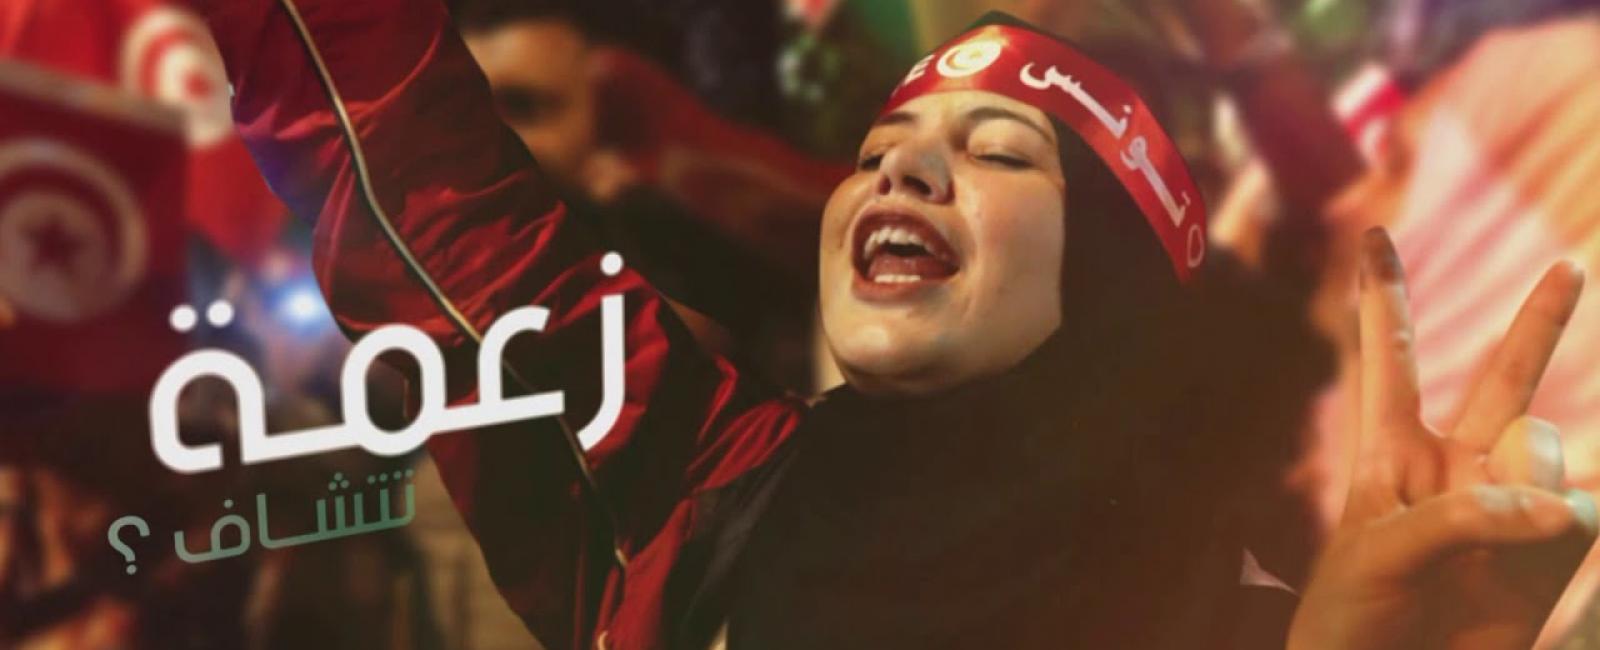 زعمة تونس في الثنية الصحيحة؟#